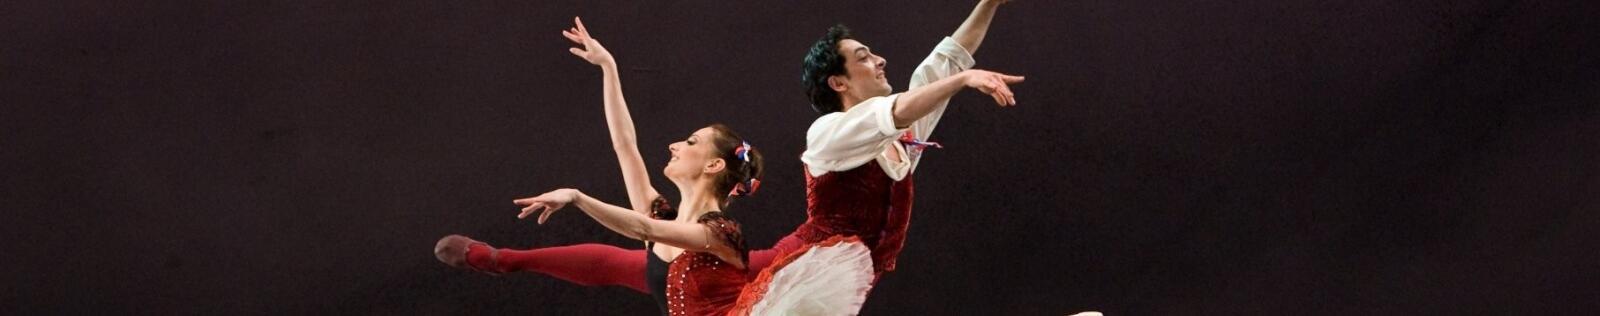 Offerta per Audizioni Danza Anca Ardelean al 105 Stadium Rimini